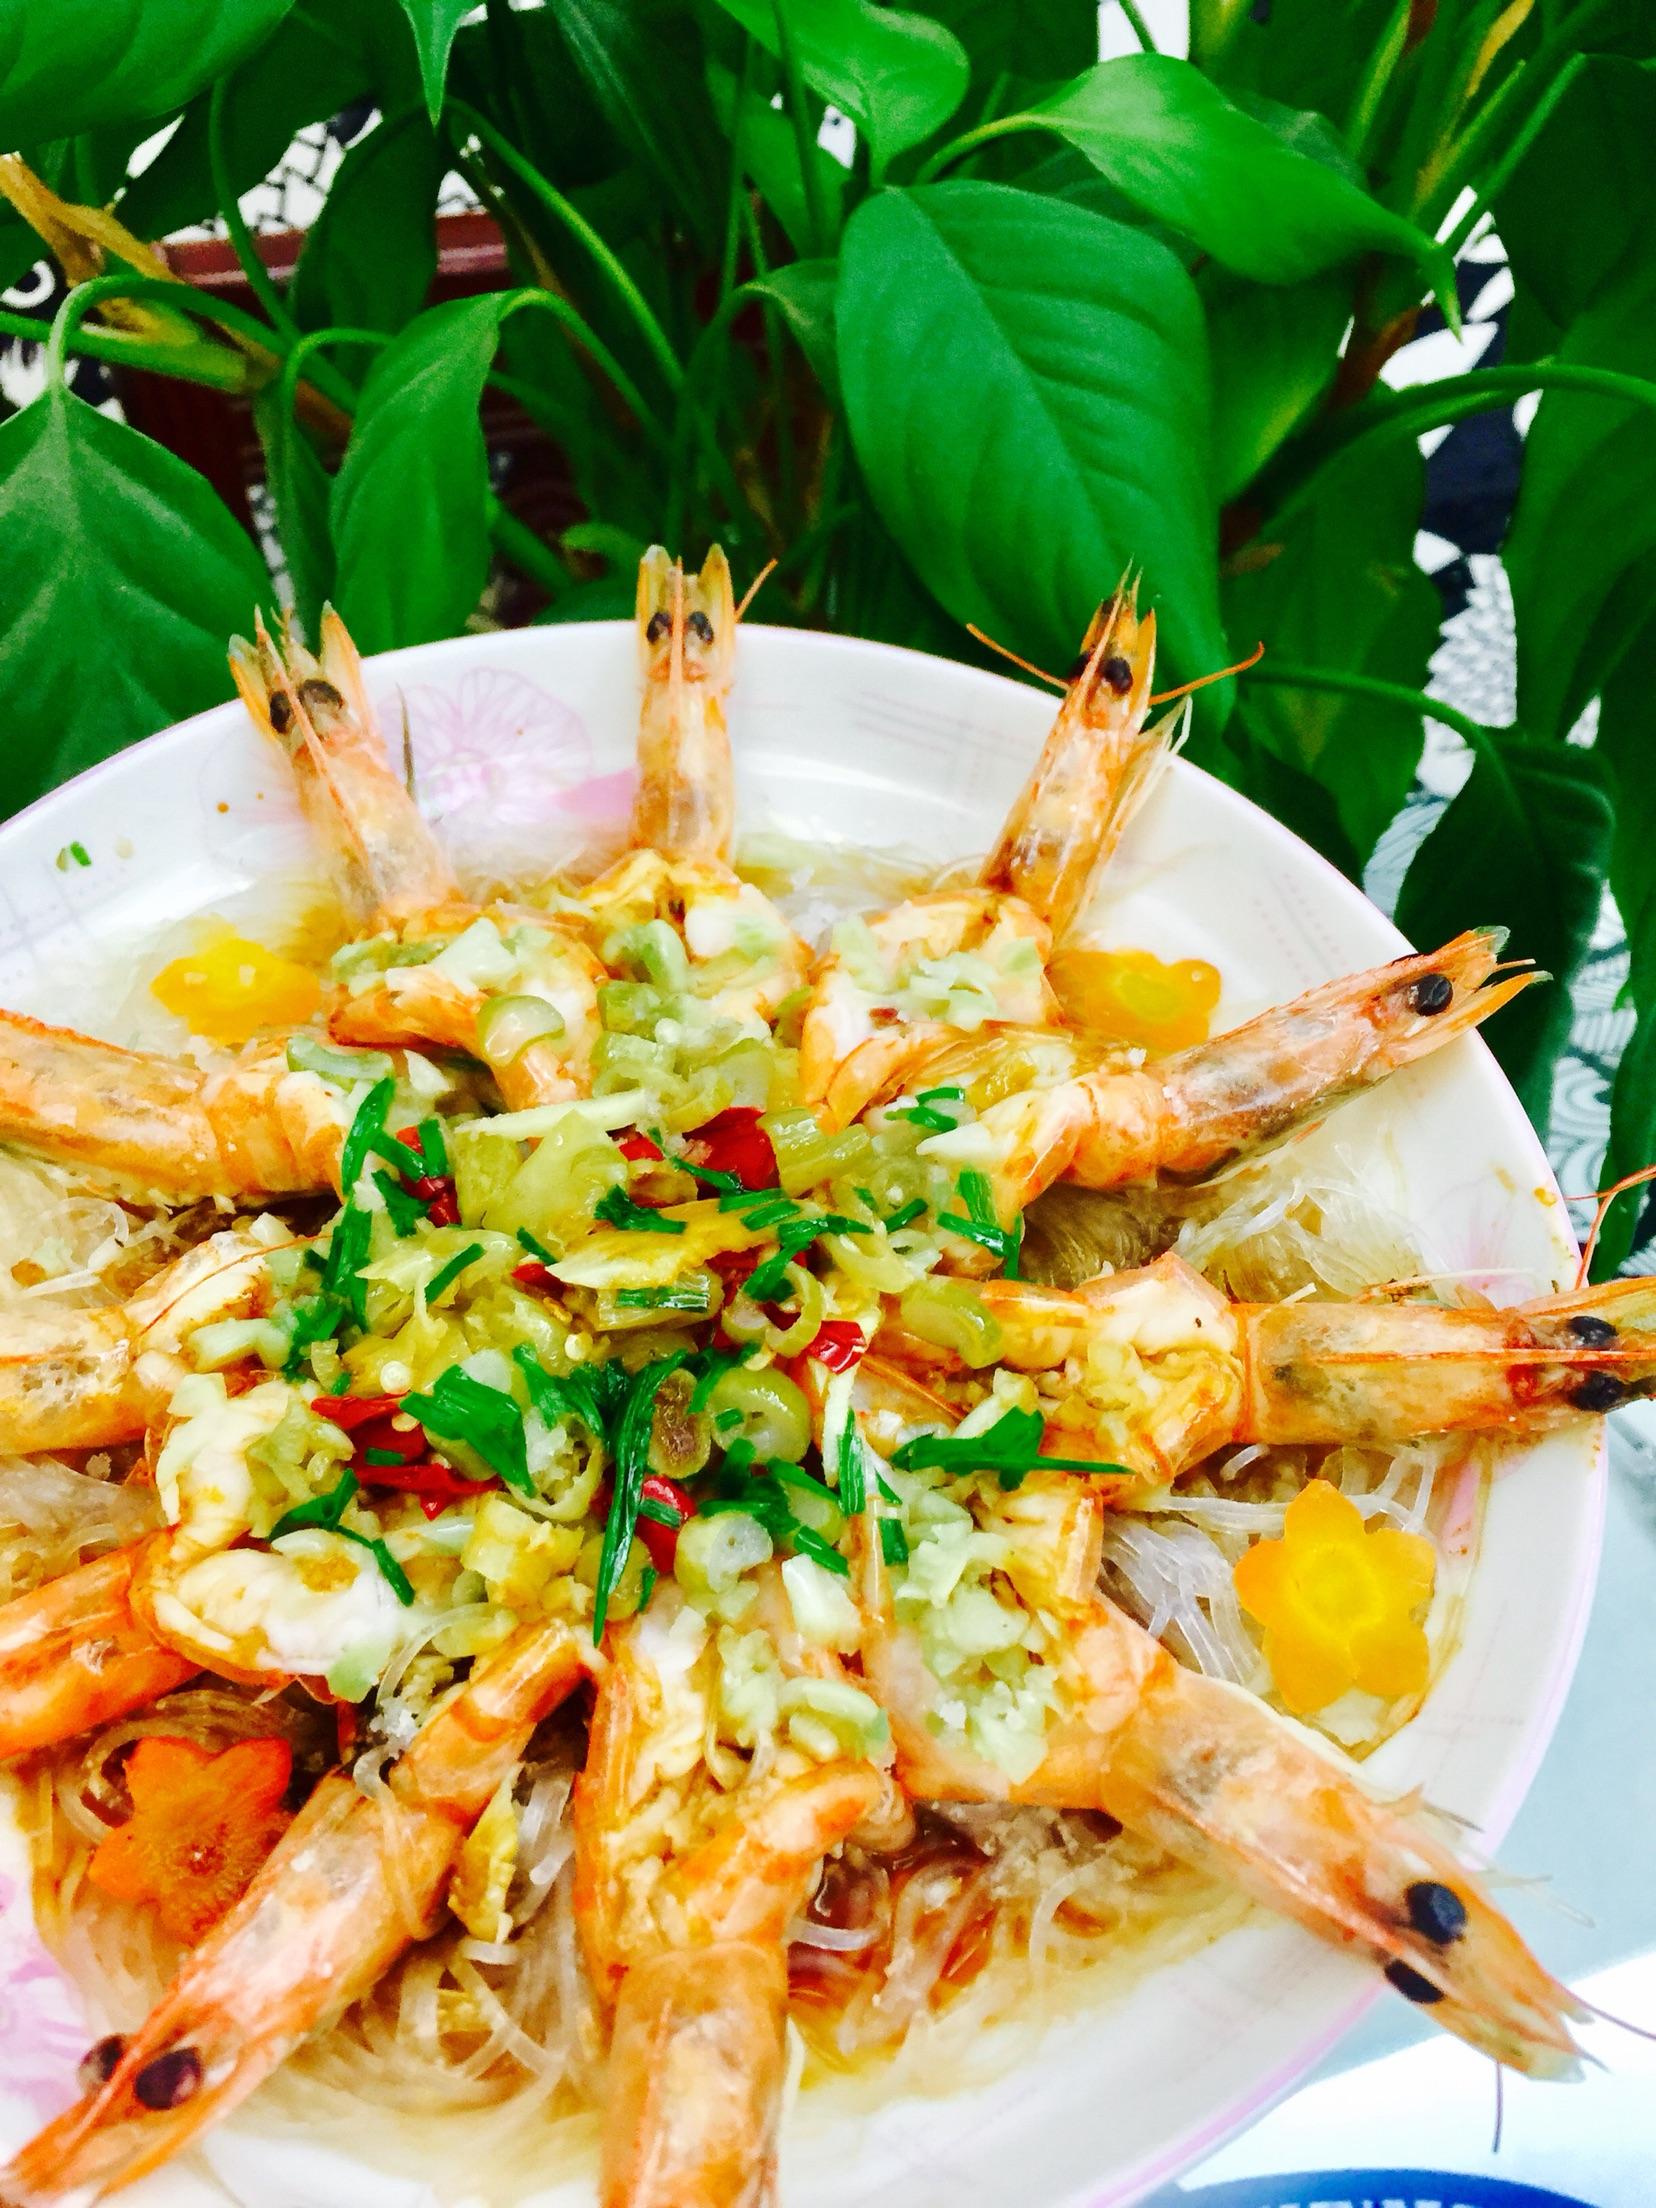 蒜蓉蒸大虾的做法_【图解】蒜蓉蒸大虾怎么做如何做